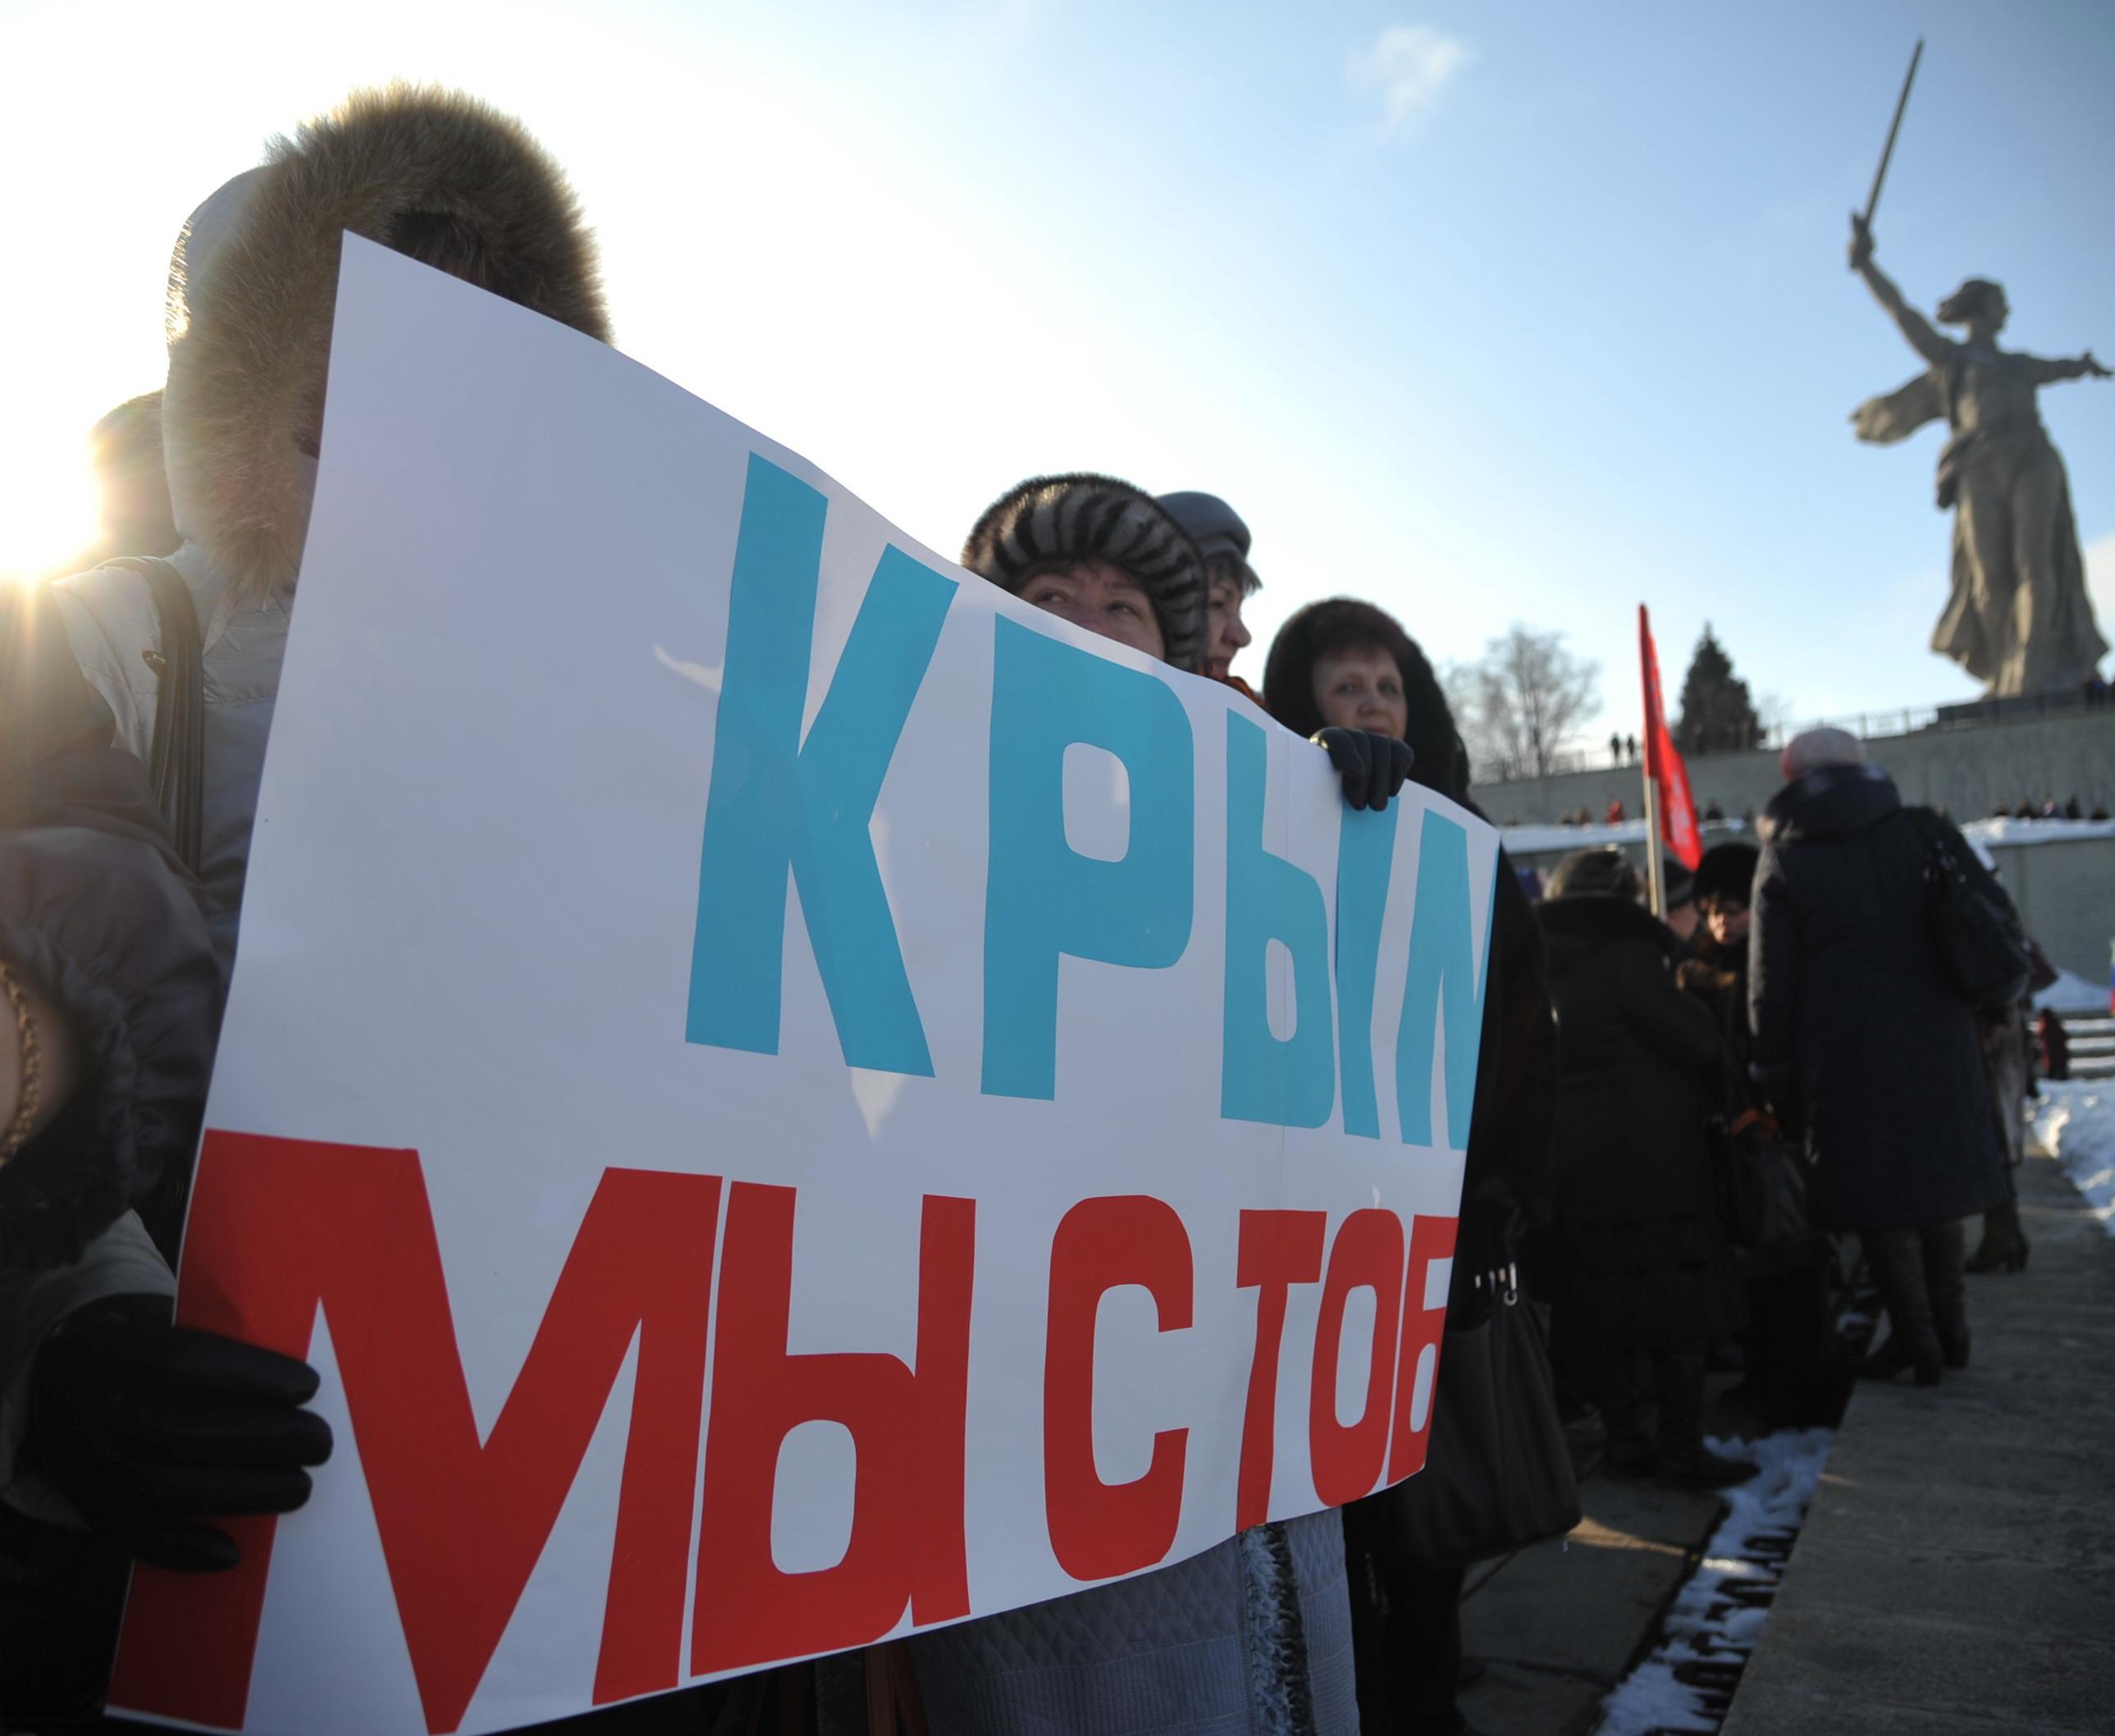 Волгоградская область отметит годовщину воссоединения Крыма с Россией